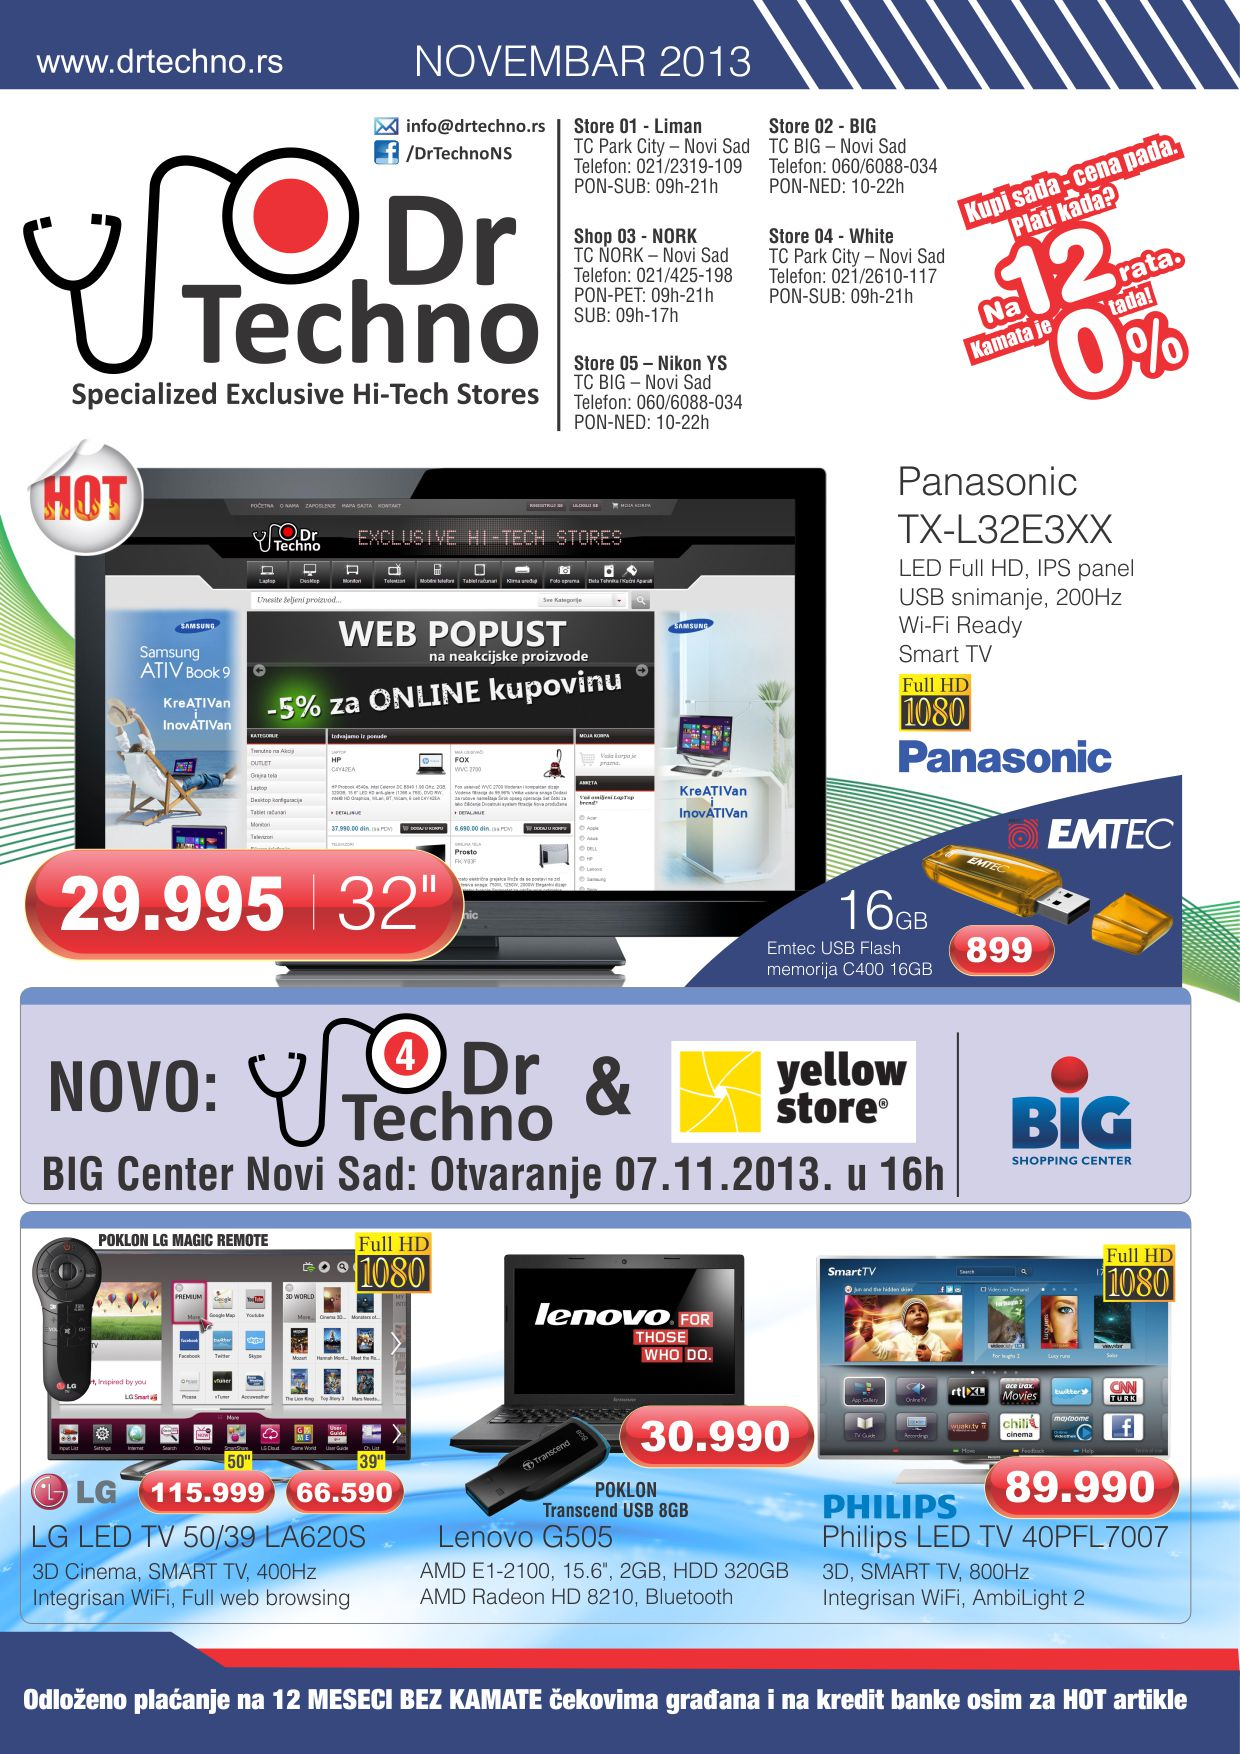 Dr. Techno katalog super kupovine